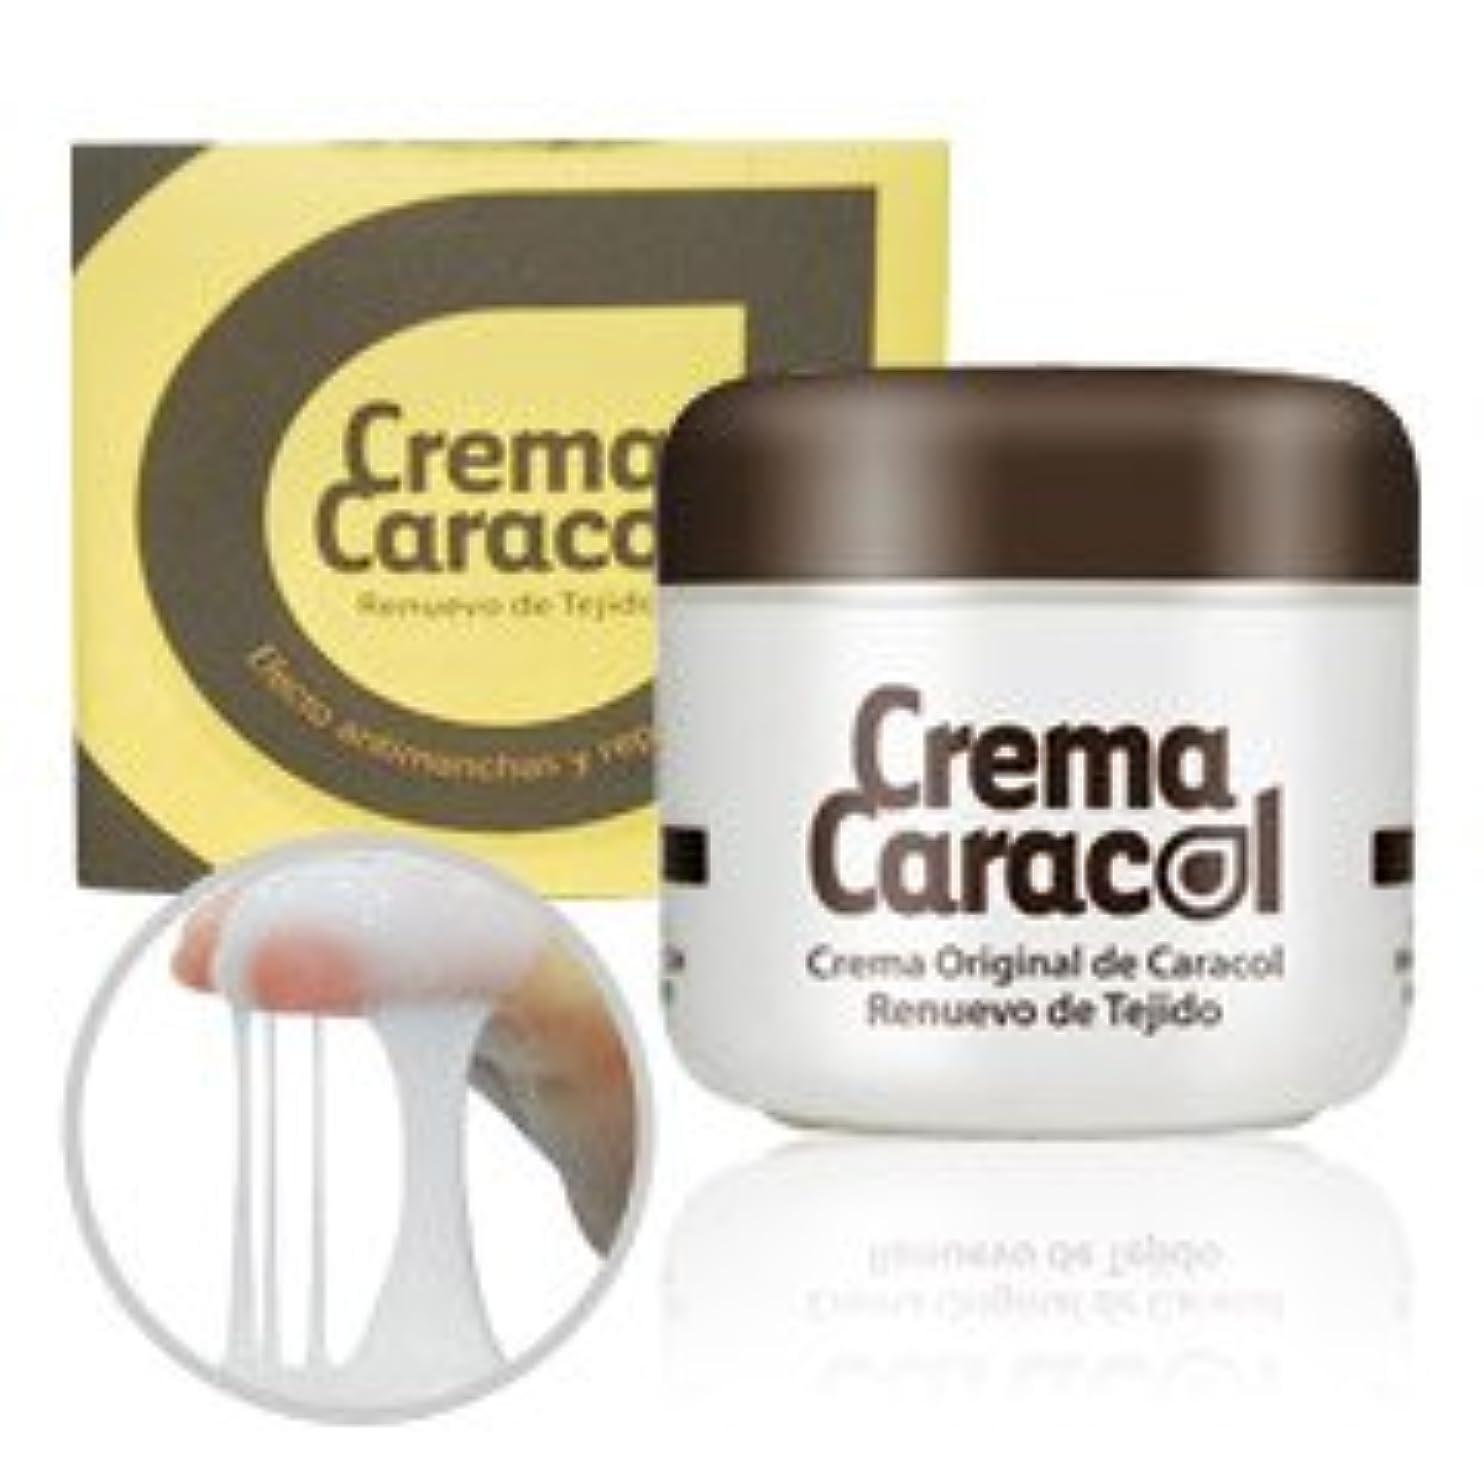 記憶船上急ぐcrema caracol(カラコール) かたつむりクリーム 3個セット